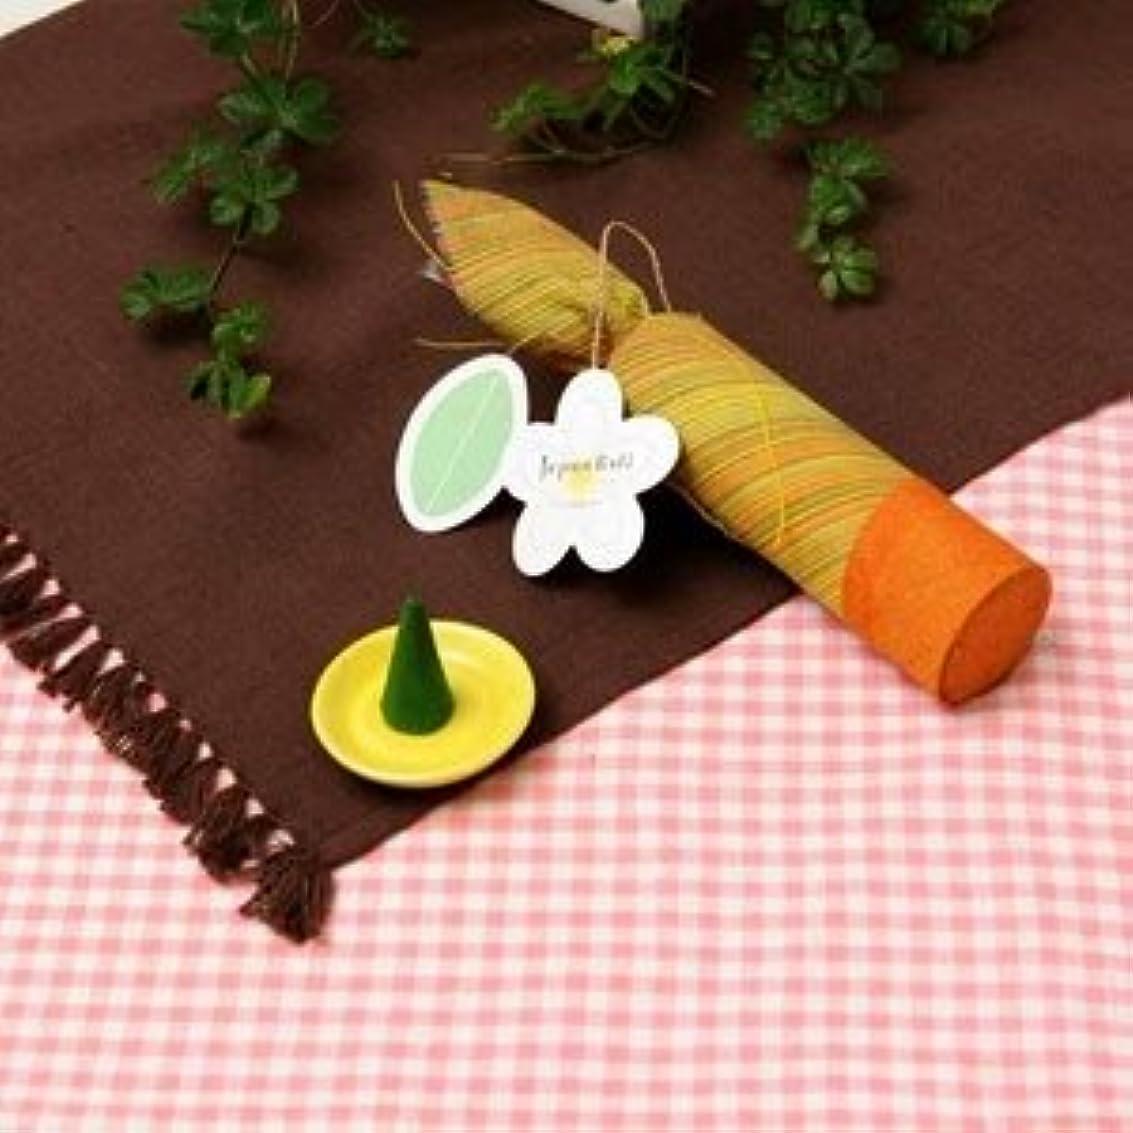 送ったフォアタイプサスティーンJupen Bari(ジュプン バリ) フランジパニ(バリの儀式に無くてはならない信仰の花)